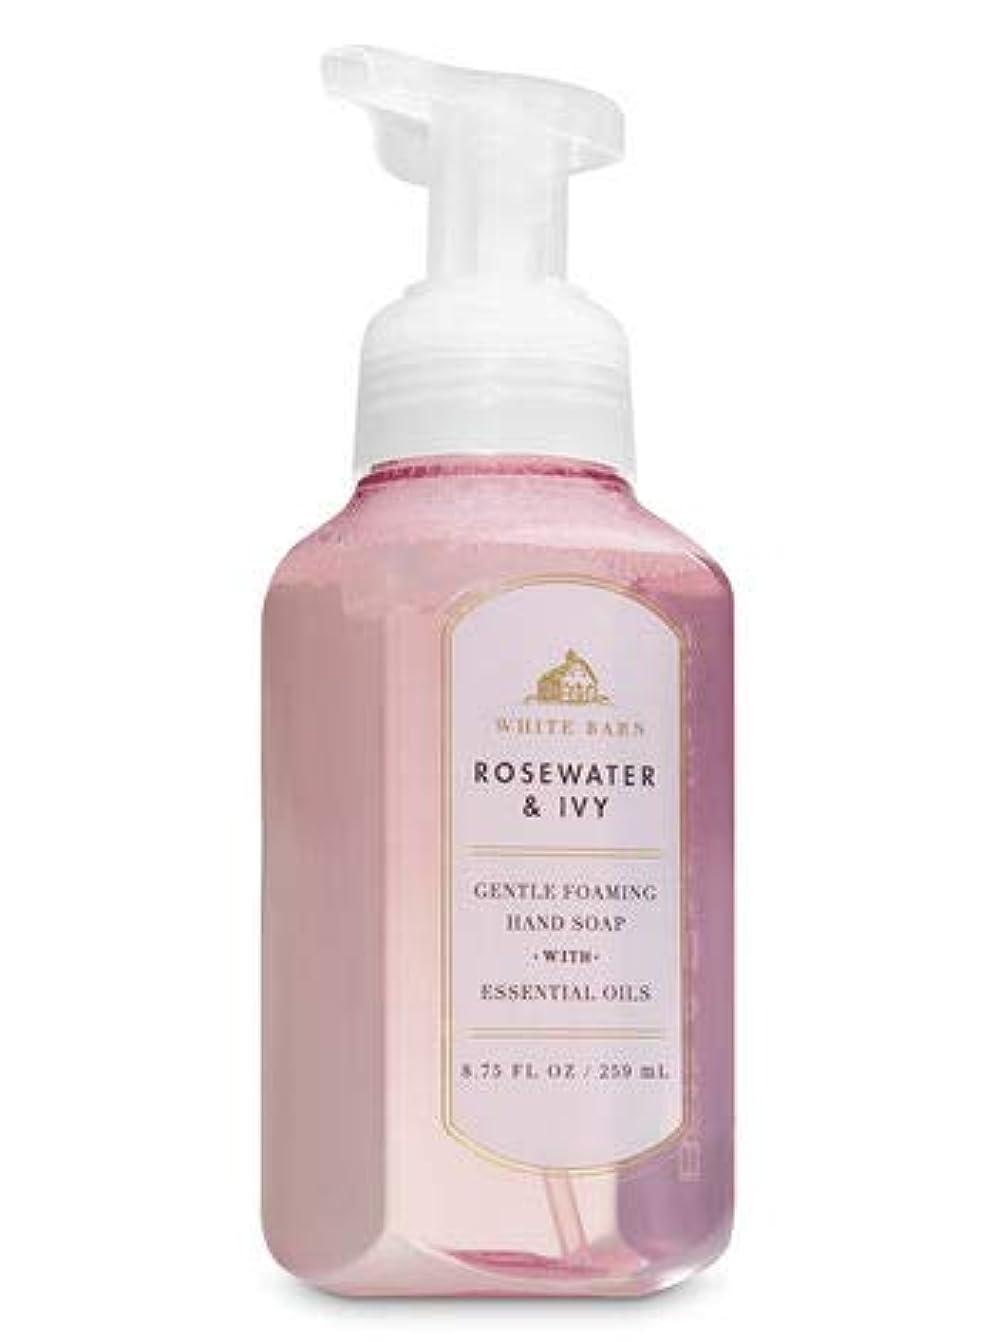 彼困難チャームバス&ボディワークス ローズウォーター&アイビー ジェントル フォーミング ハンドソープ Rose Water & Ivy Gentle Foaming Hand Soap